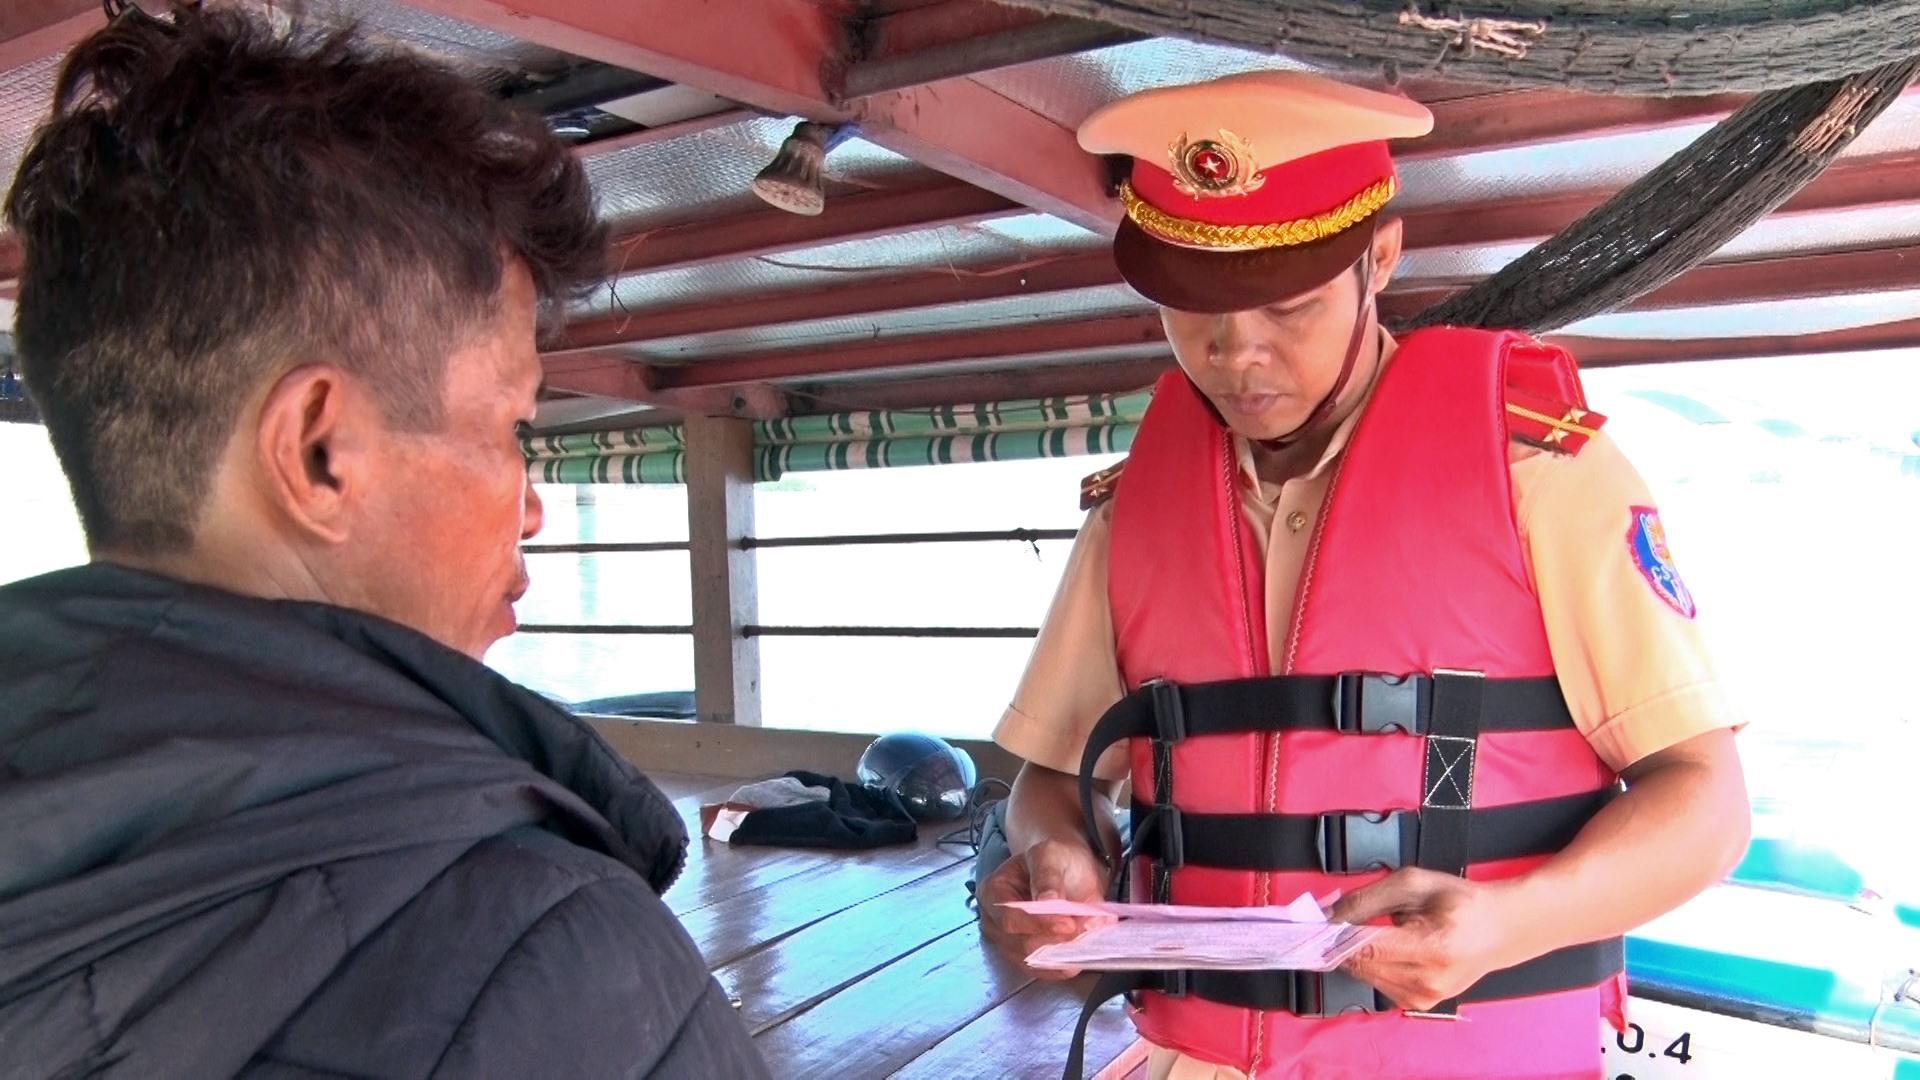 Việc có mặt của lực lượng chức năng sẽ giúp người dân chấp hành nghiêm các quy định của pháp luật về an toàn giao thông đường thủy. Ảnh: Đ. Q